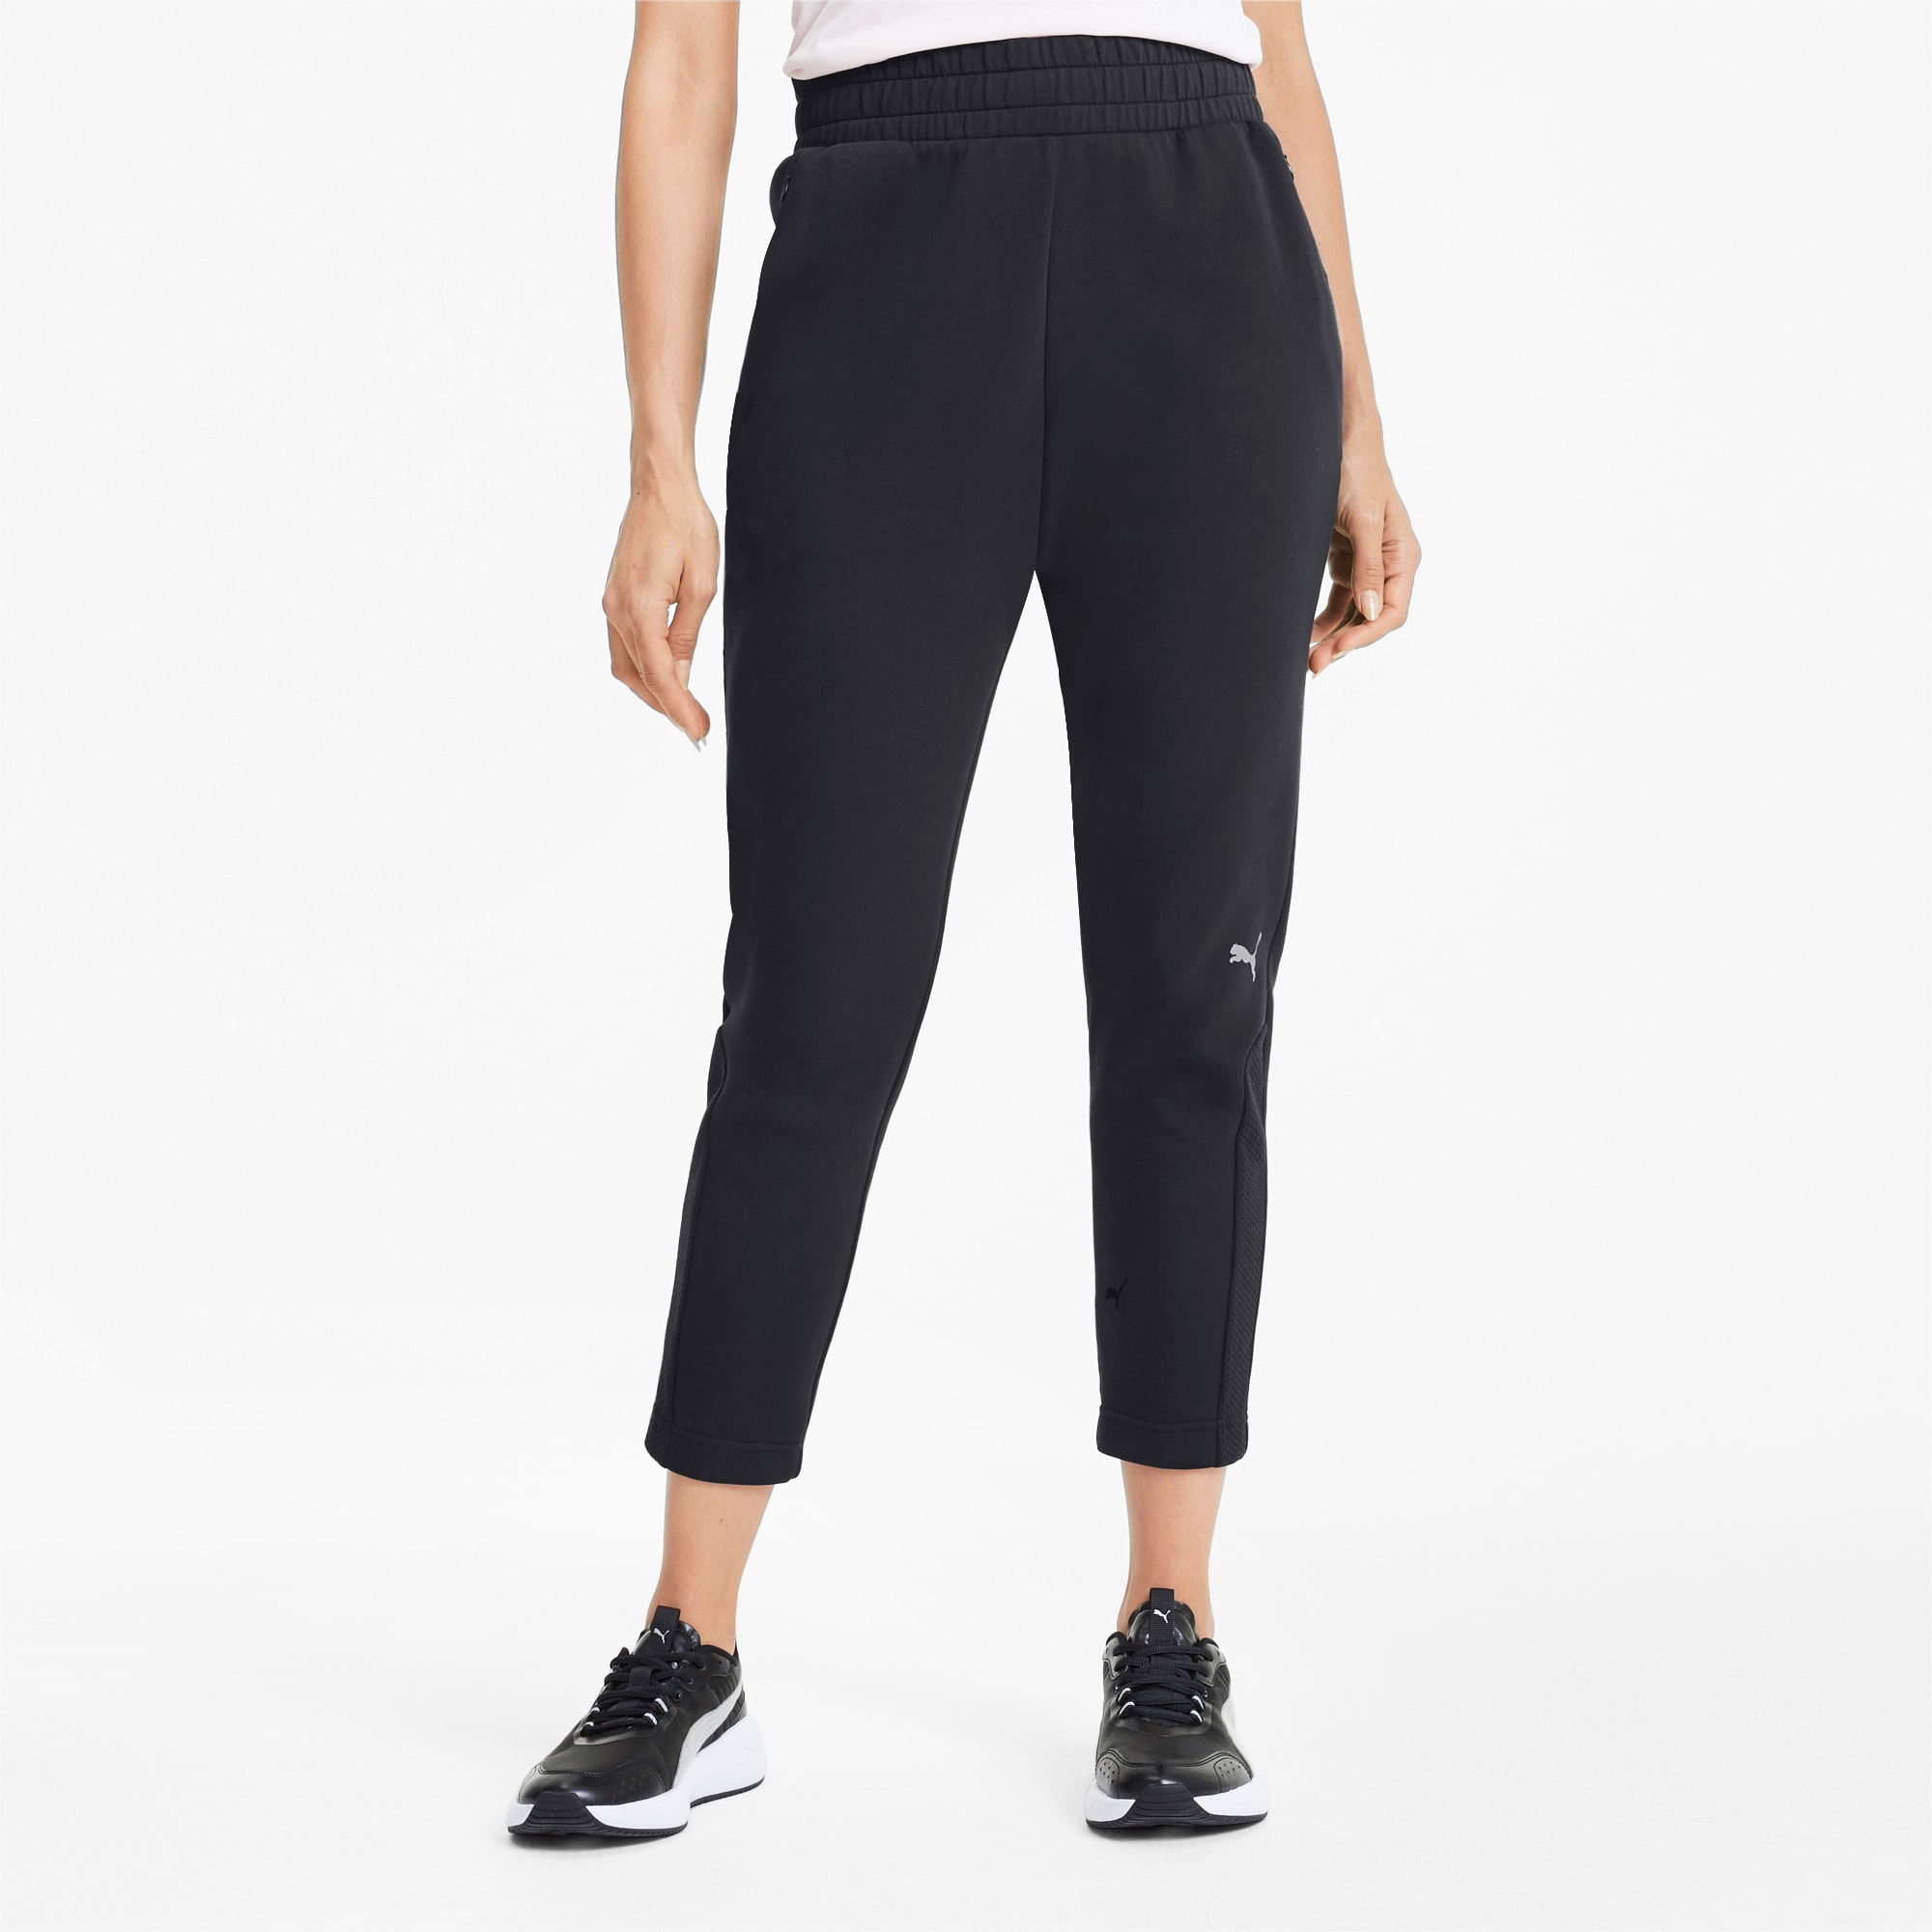 PUMA Evostripe Damen Sweatpants | Mit Aucun | Schwarz | Größe: S